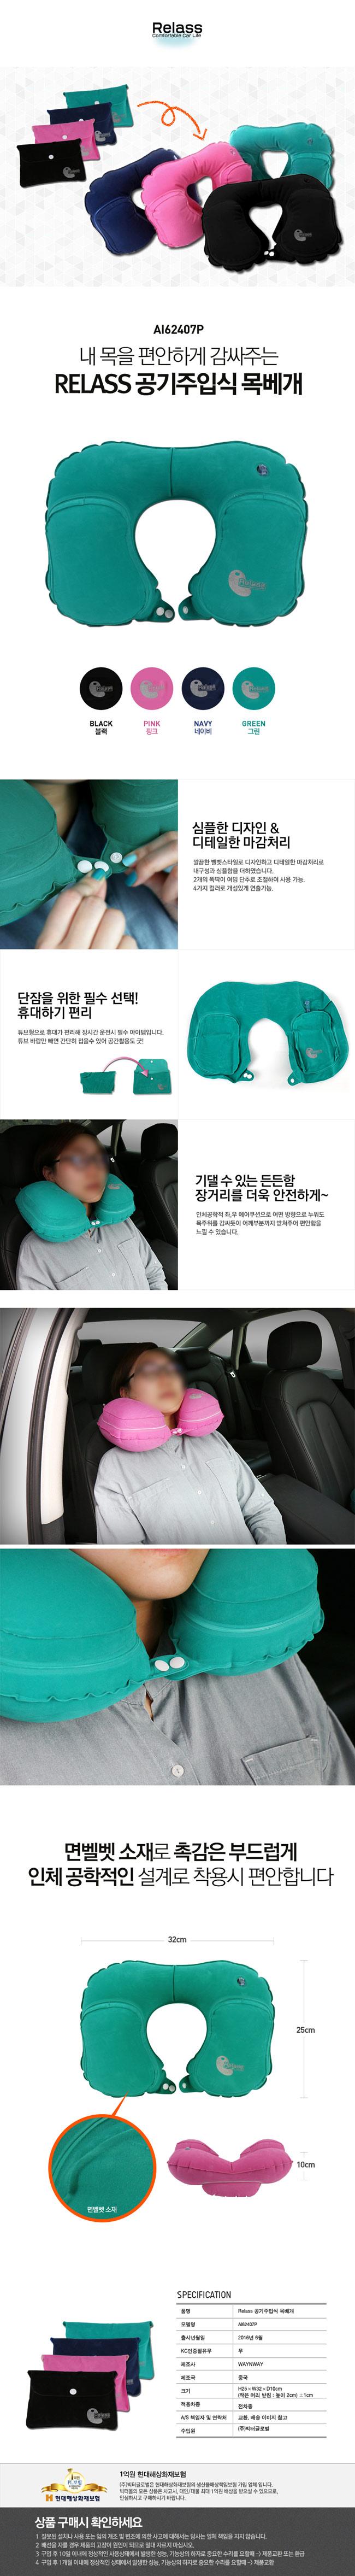 RELASS AI62407P 공기주입식 목베개